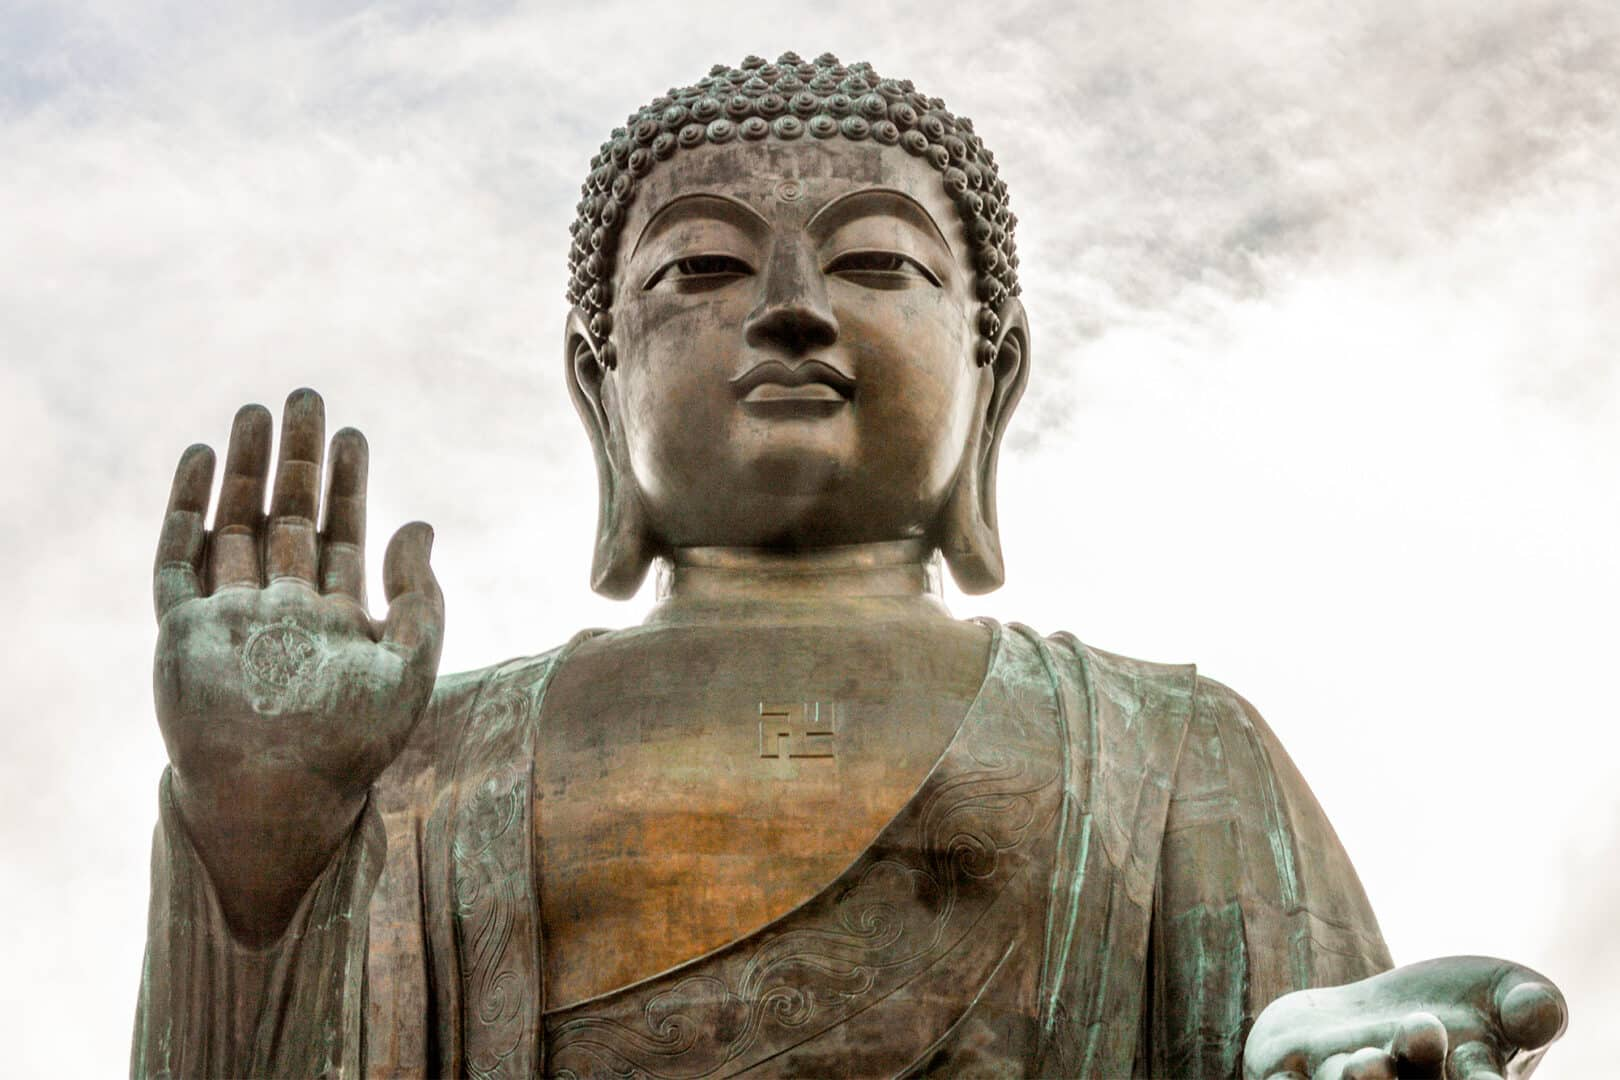 Buda, quem foi? História e principais ensinamentos ao longo da vida